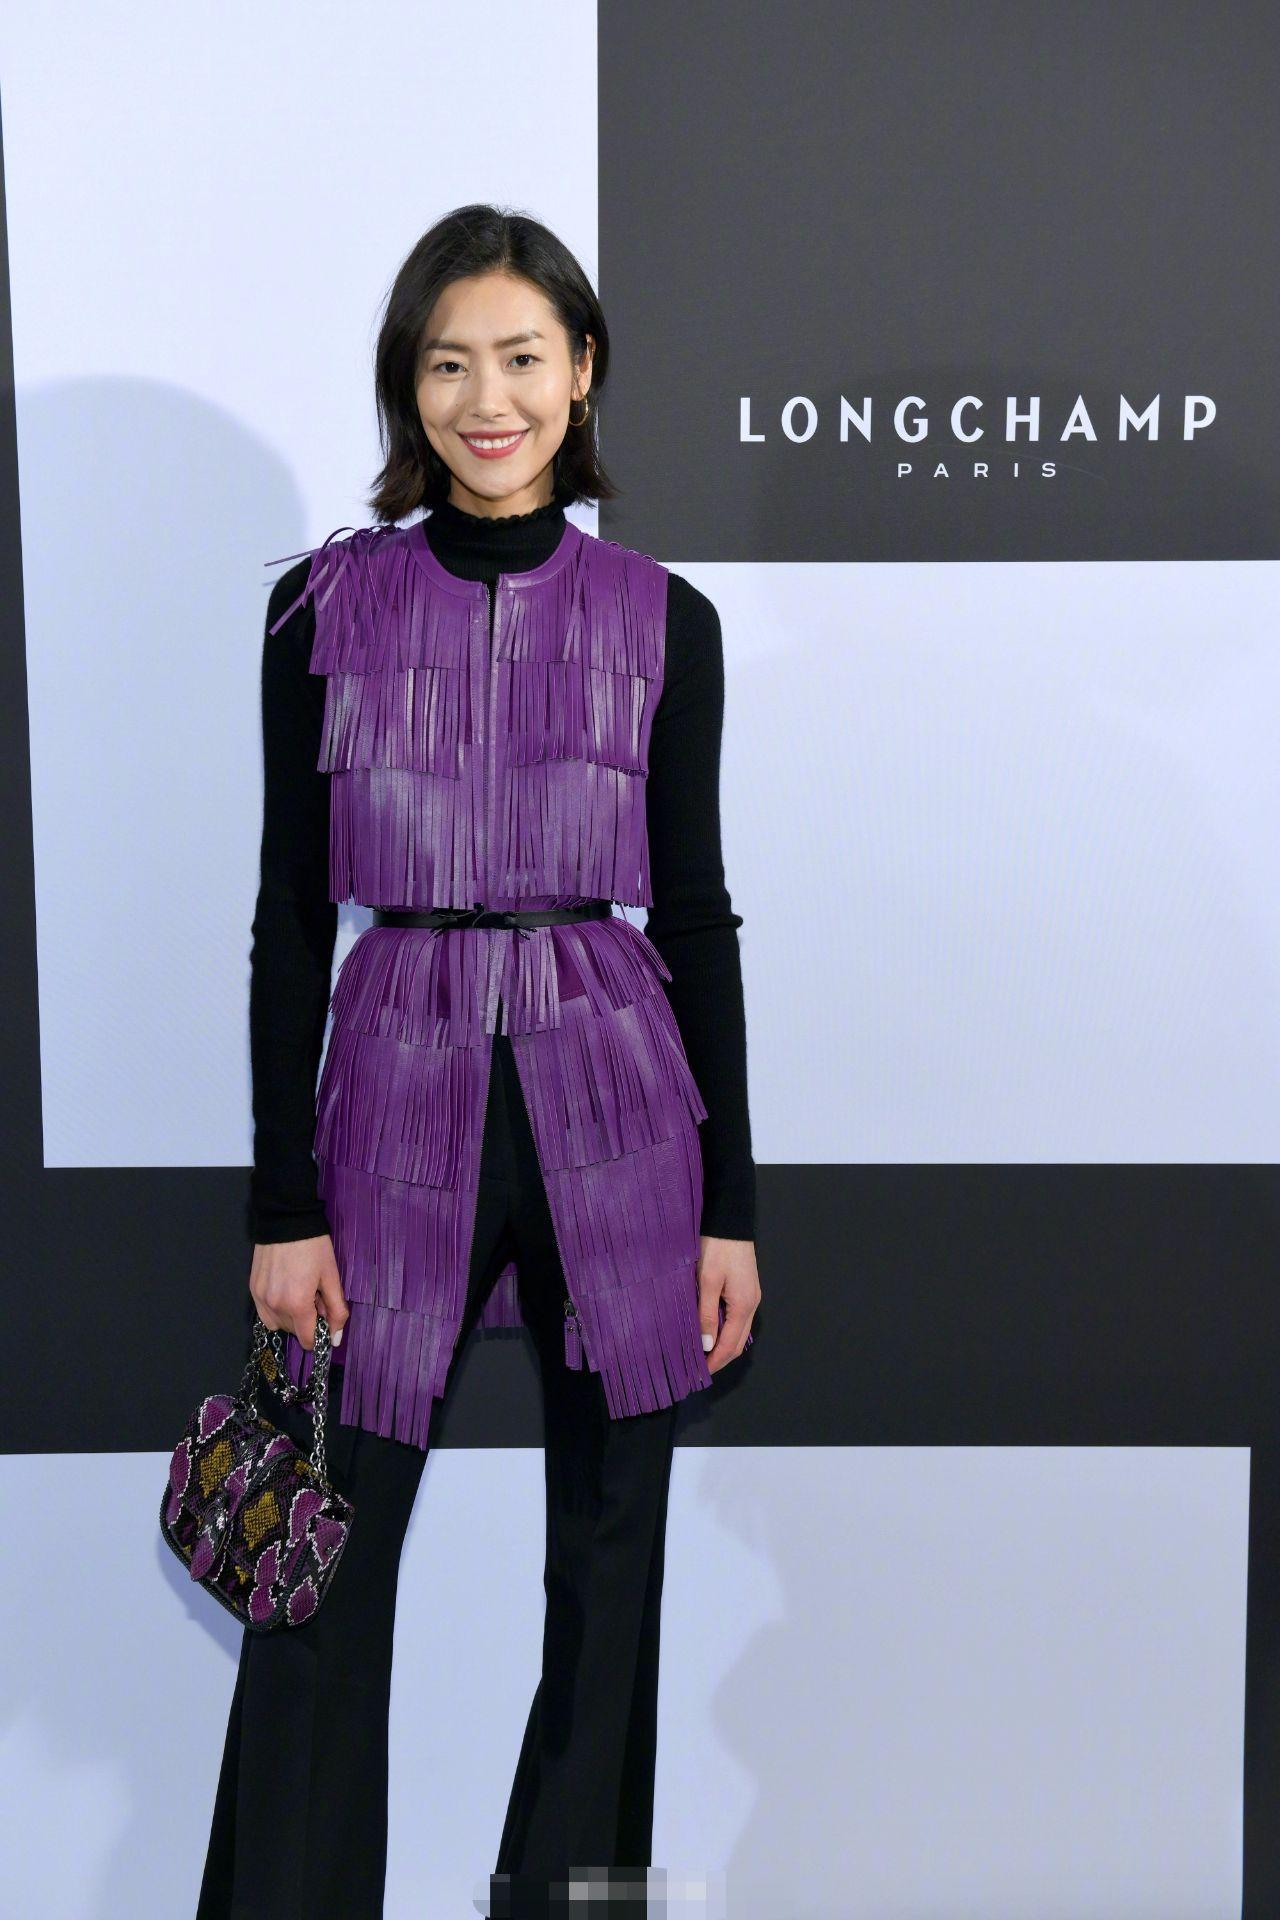 刘雯穿了改良版蓑衣去看秀,笑容阳光是一个时尚渔翁!